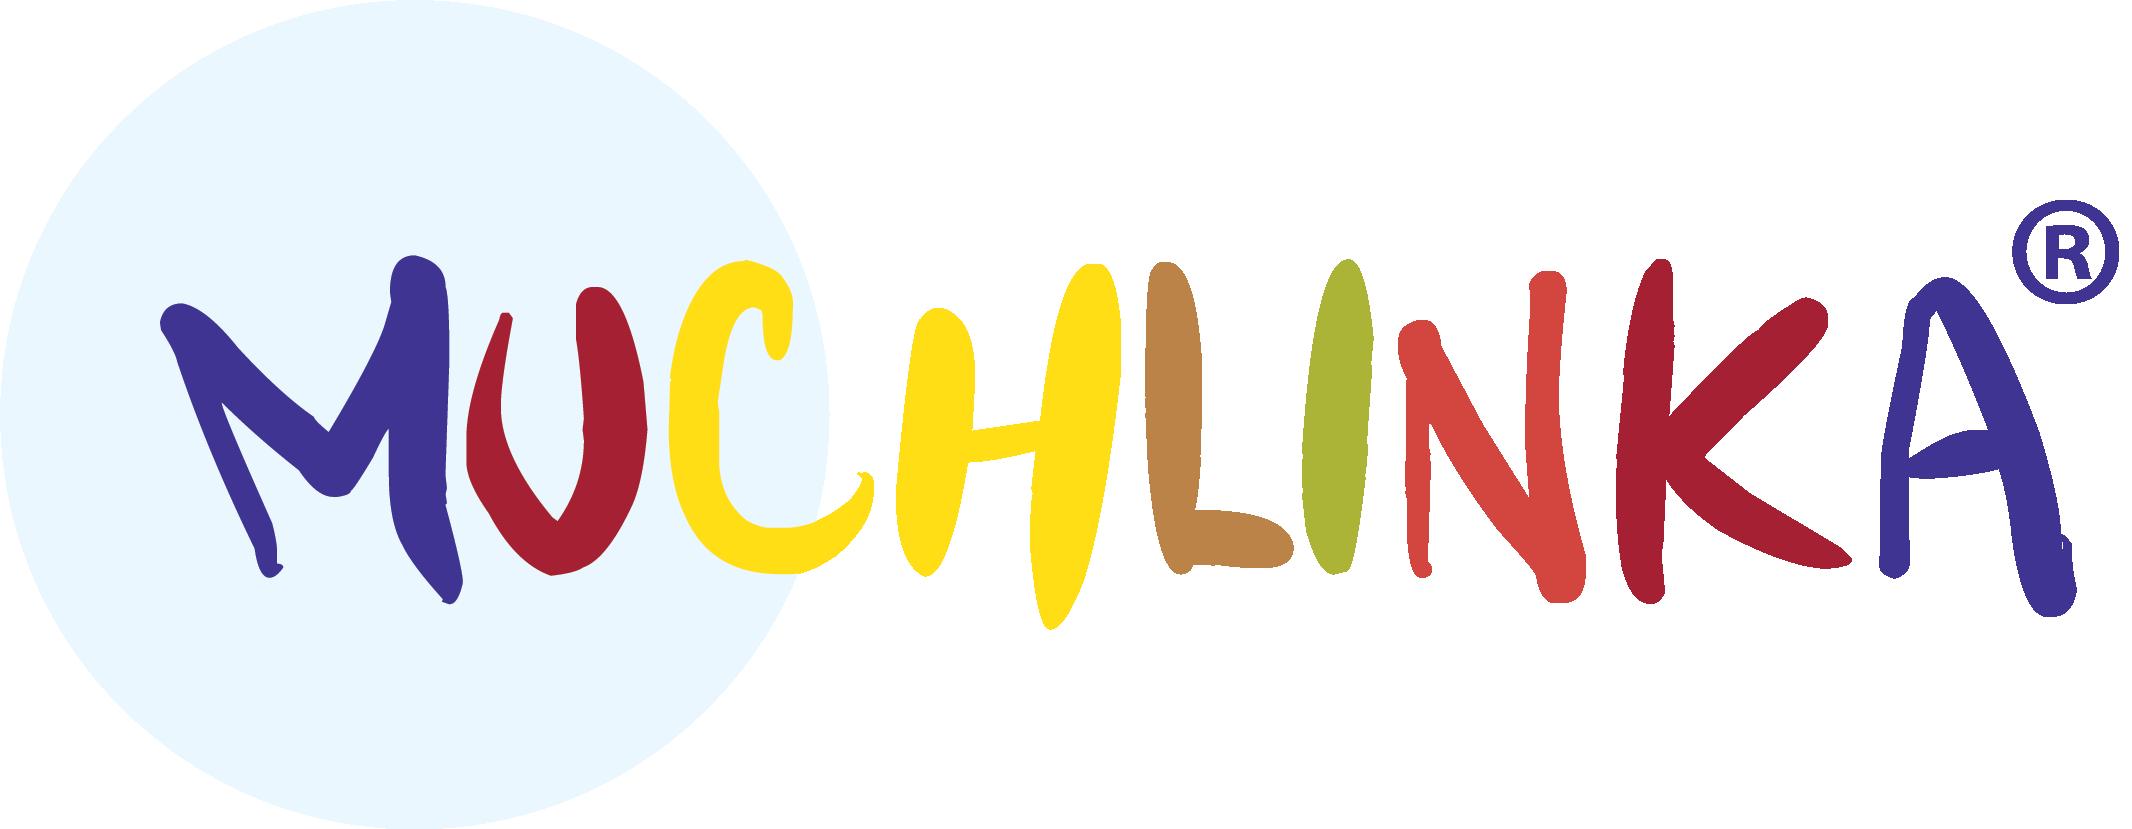 Muchlinka - dětská hračka s příběhem